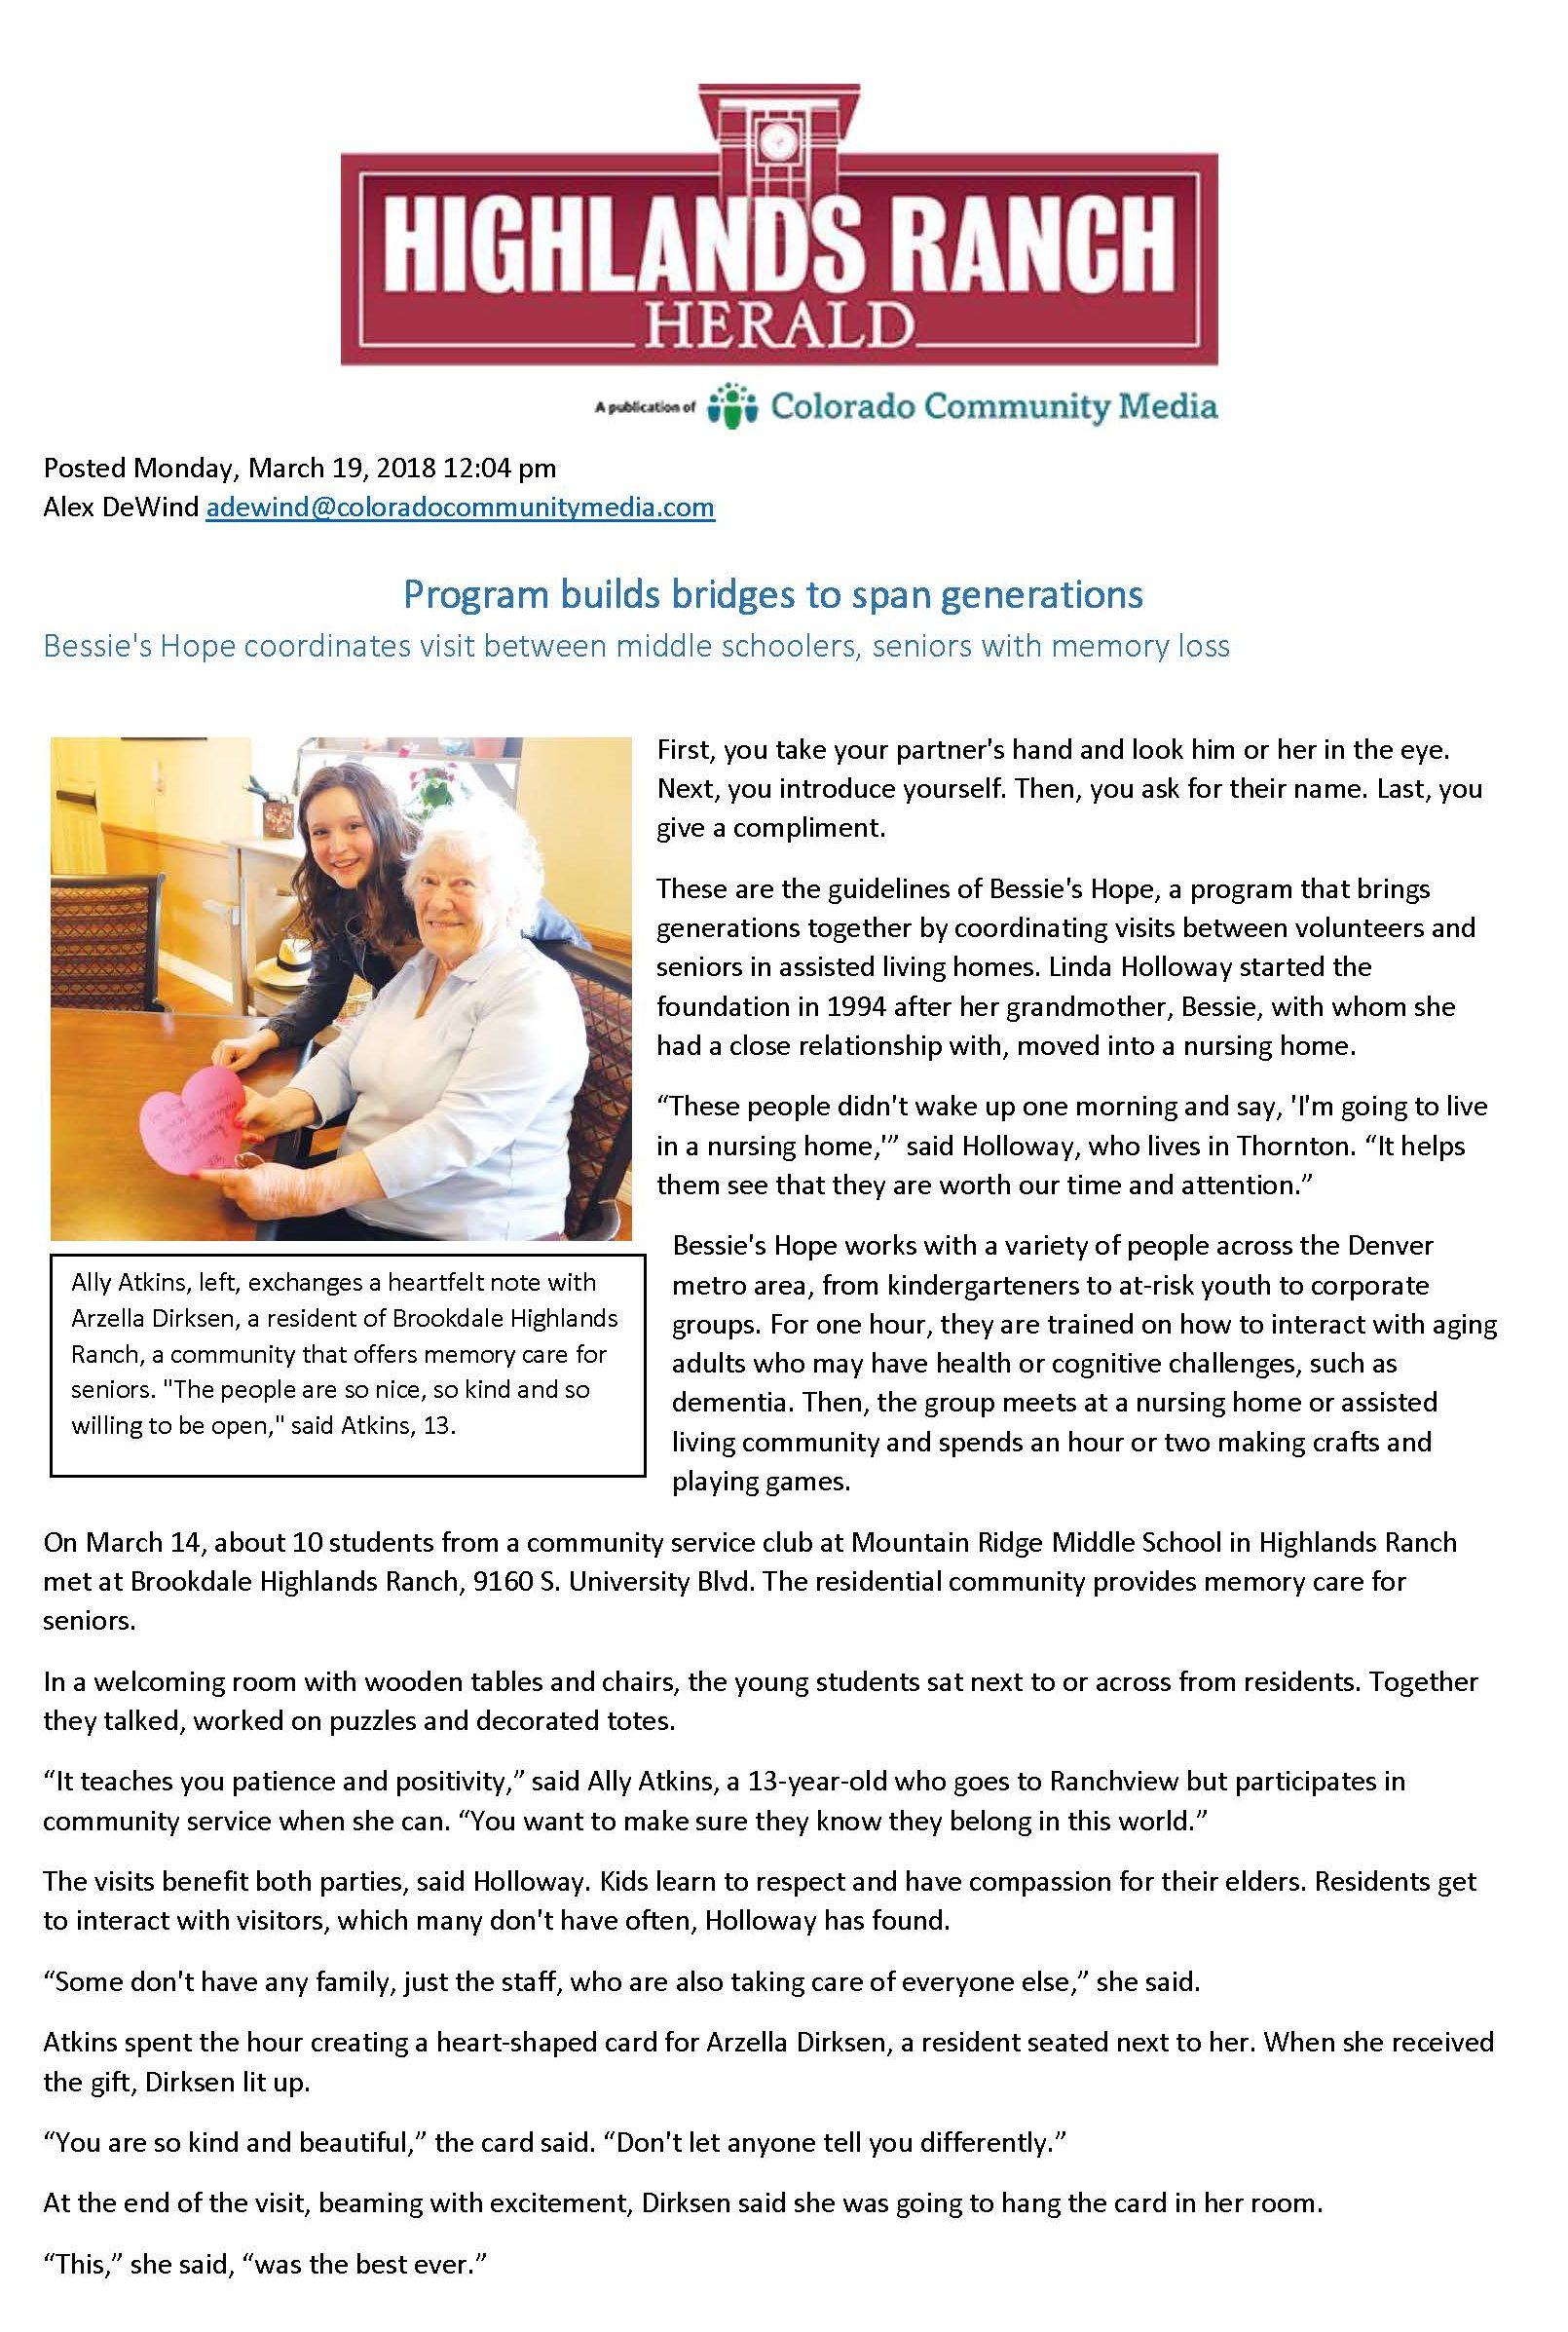 Highlands Ranch Herald - March 19, 2018 - Bessie's Hope